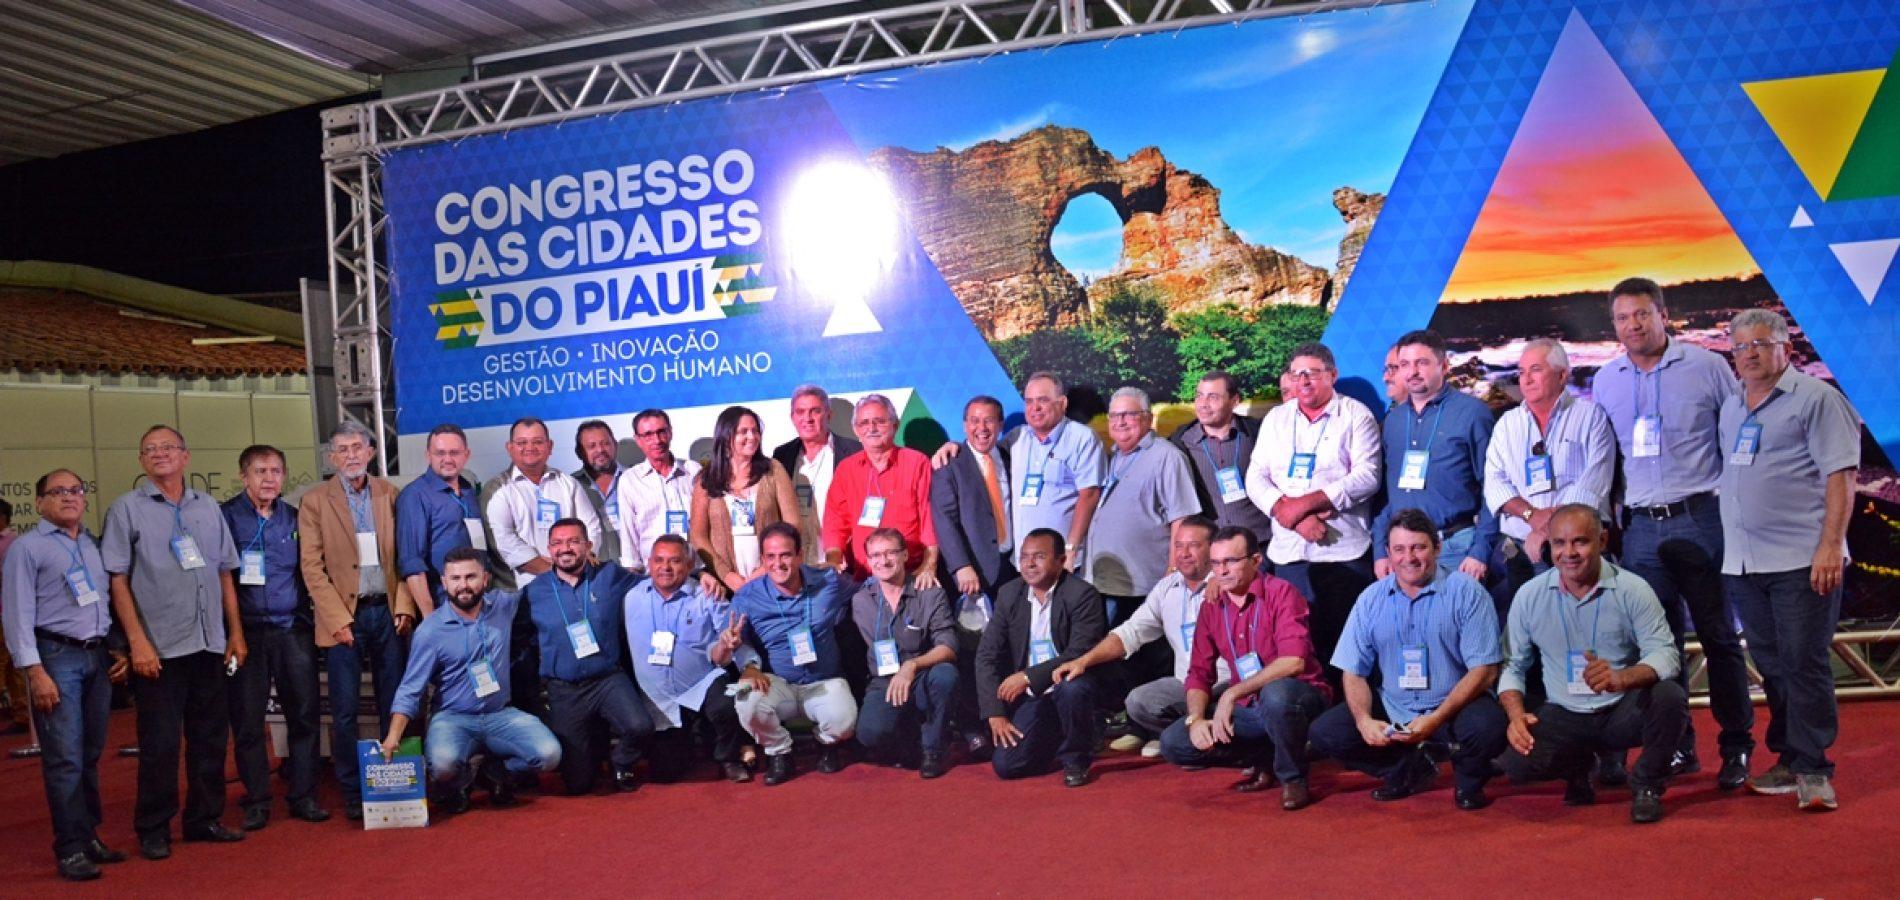 FOTOS | Congresso das Cidades do Piauí – 3º dia